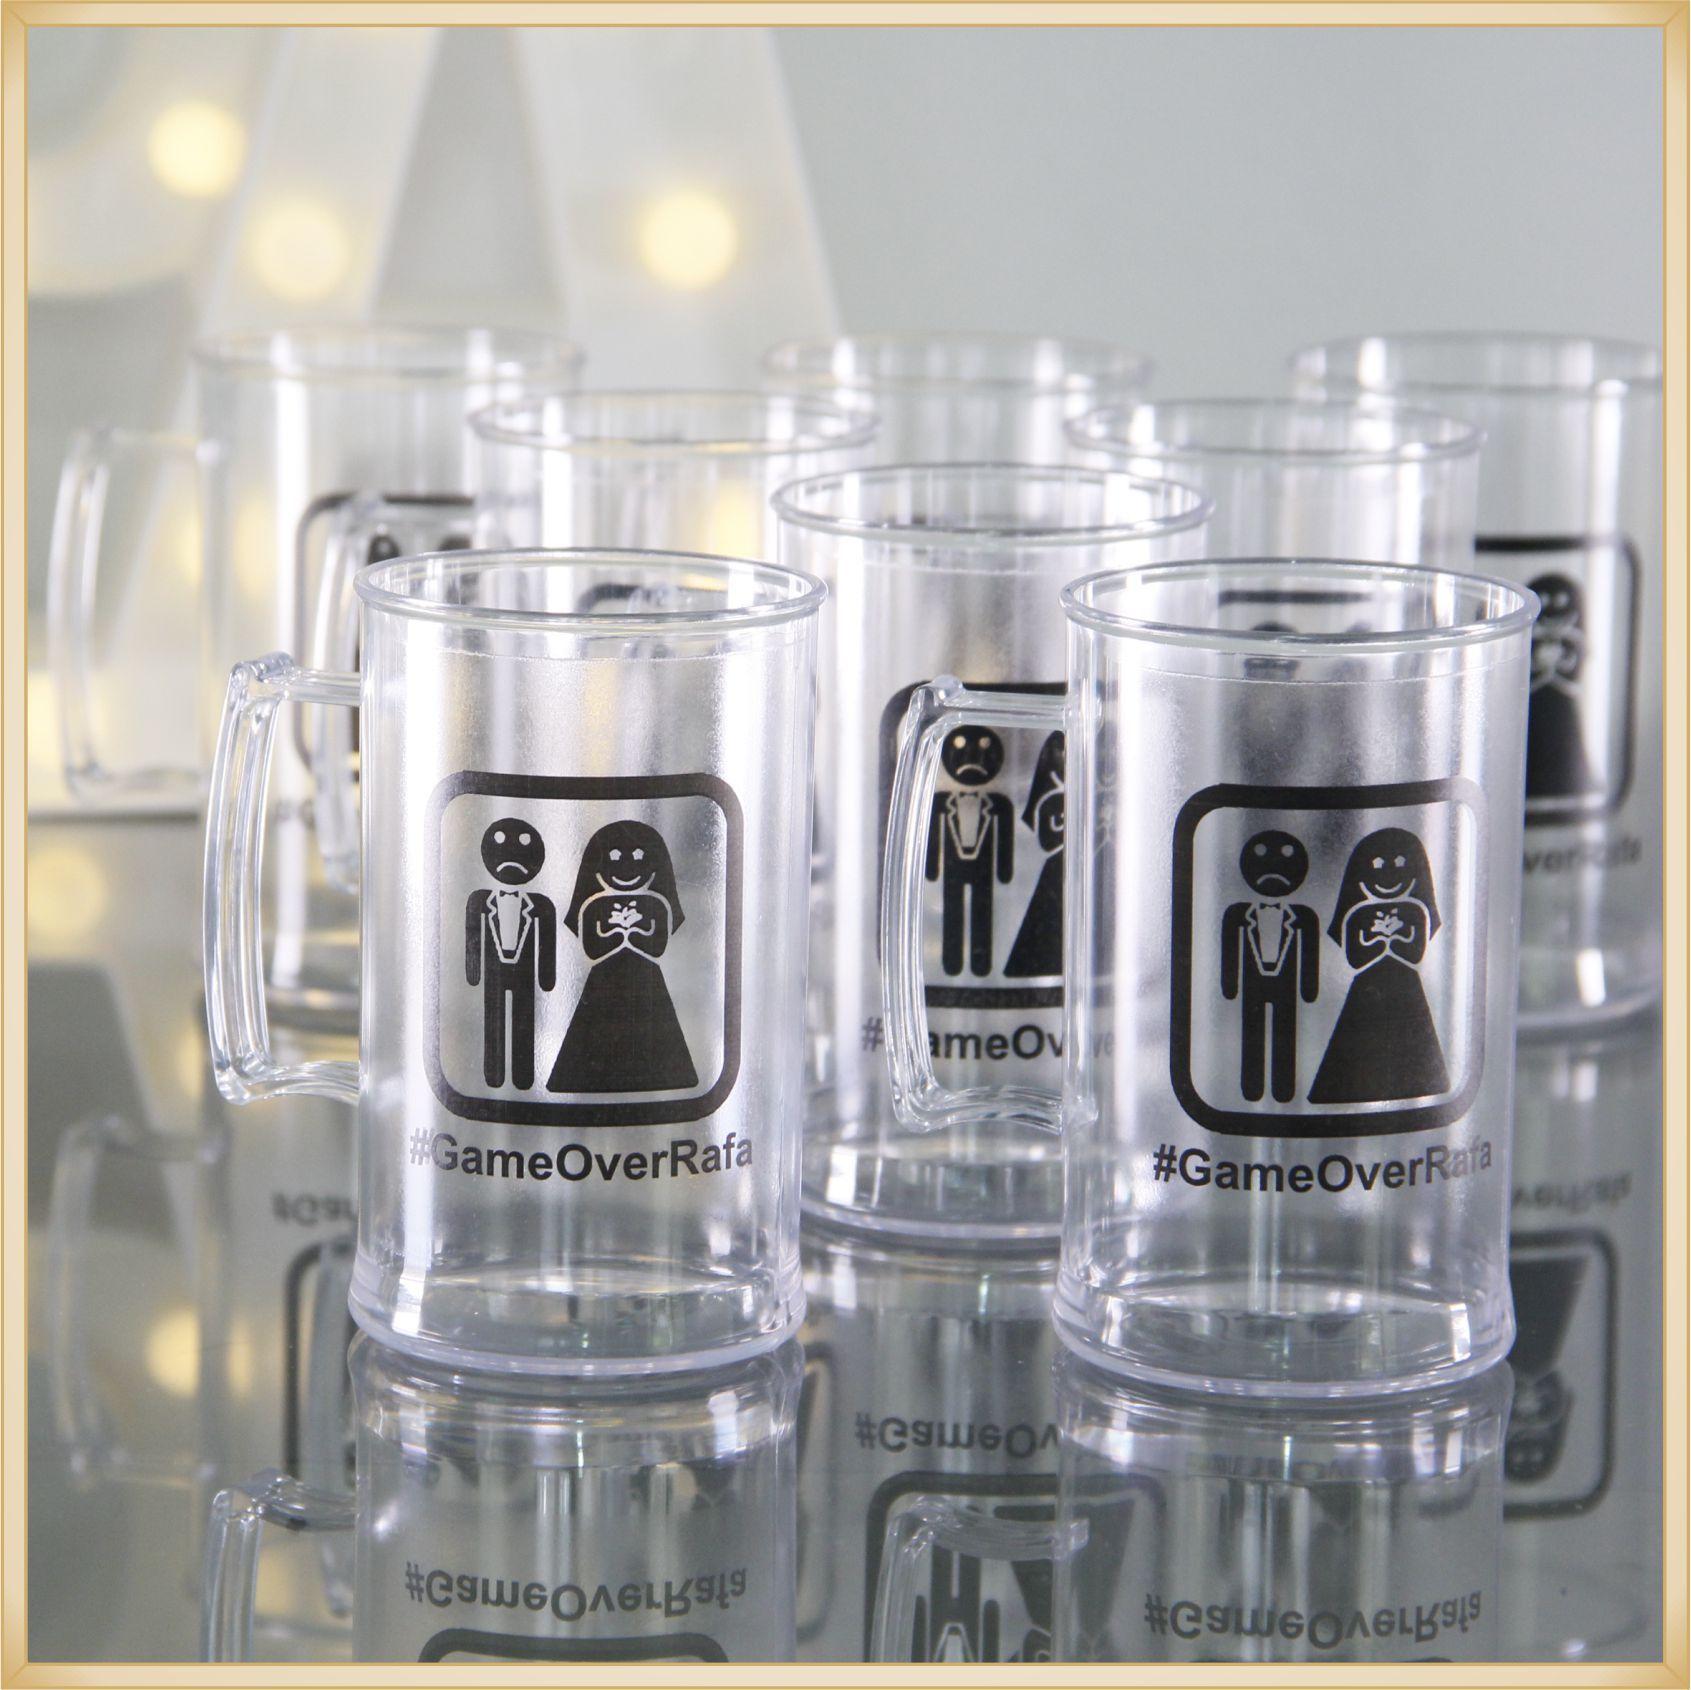 Canecas de acrílico personalizadas de Casamento - alta qualidade, acabamento perfeito, parede de 2,5 mm, material atóxico, 300 ml - kit 100 unidades